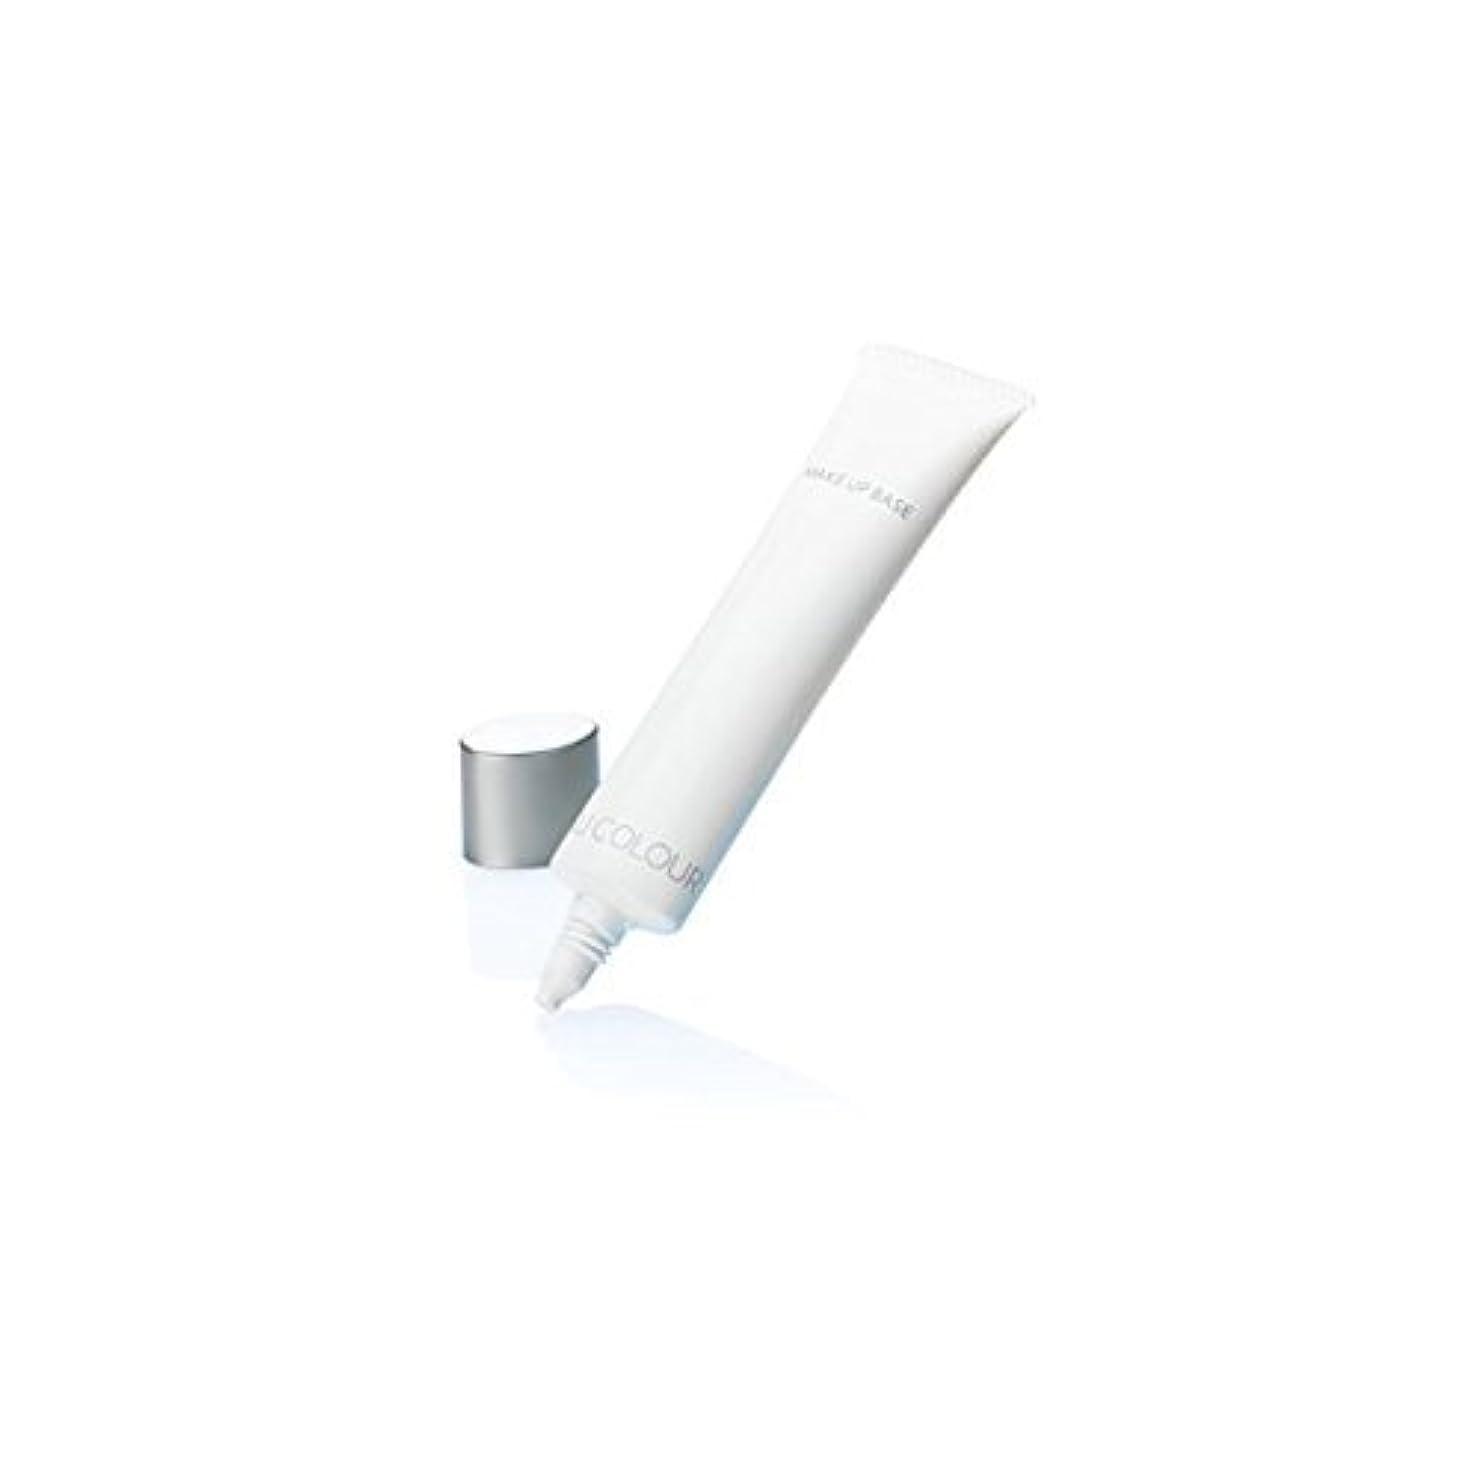 ブレーキ口ひげ少ないニュースキン NU SKIN UV メイクアップ ベース SPF18?PA++ クリア 03160813